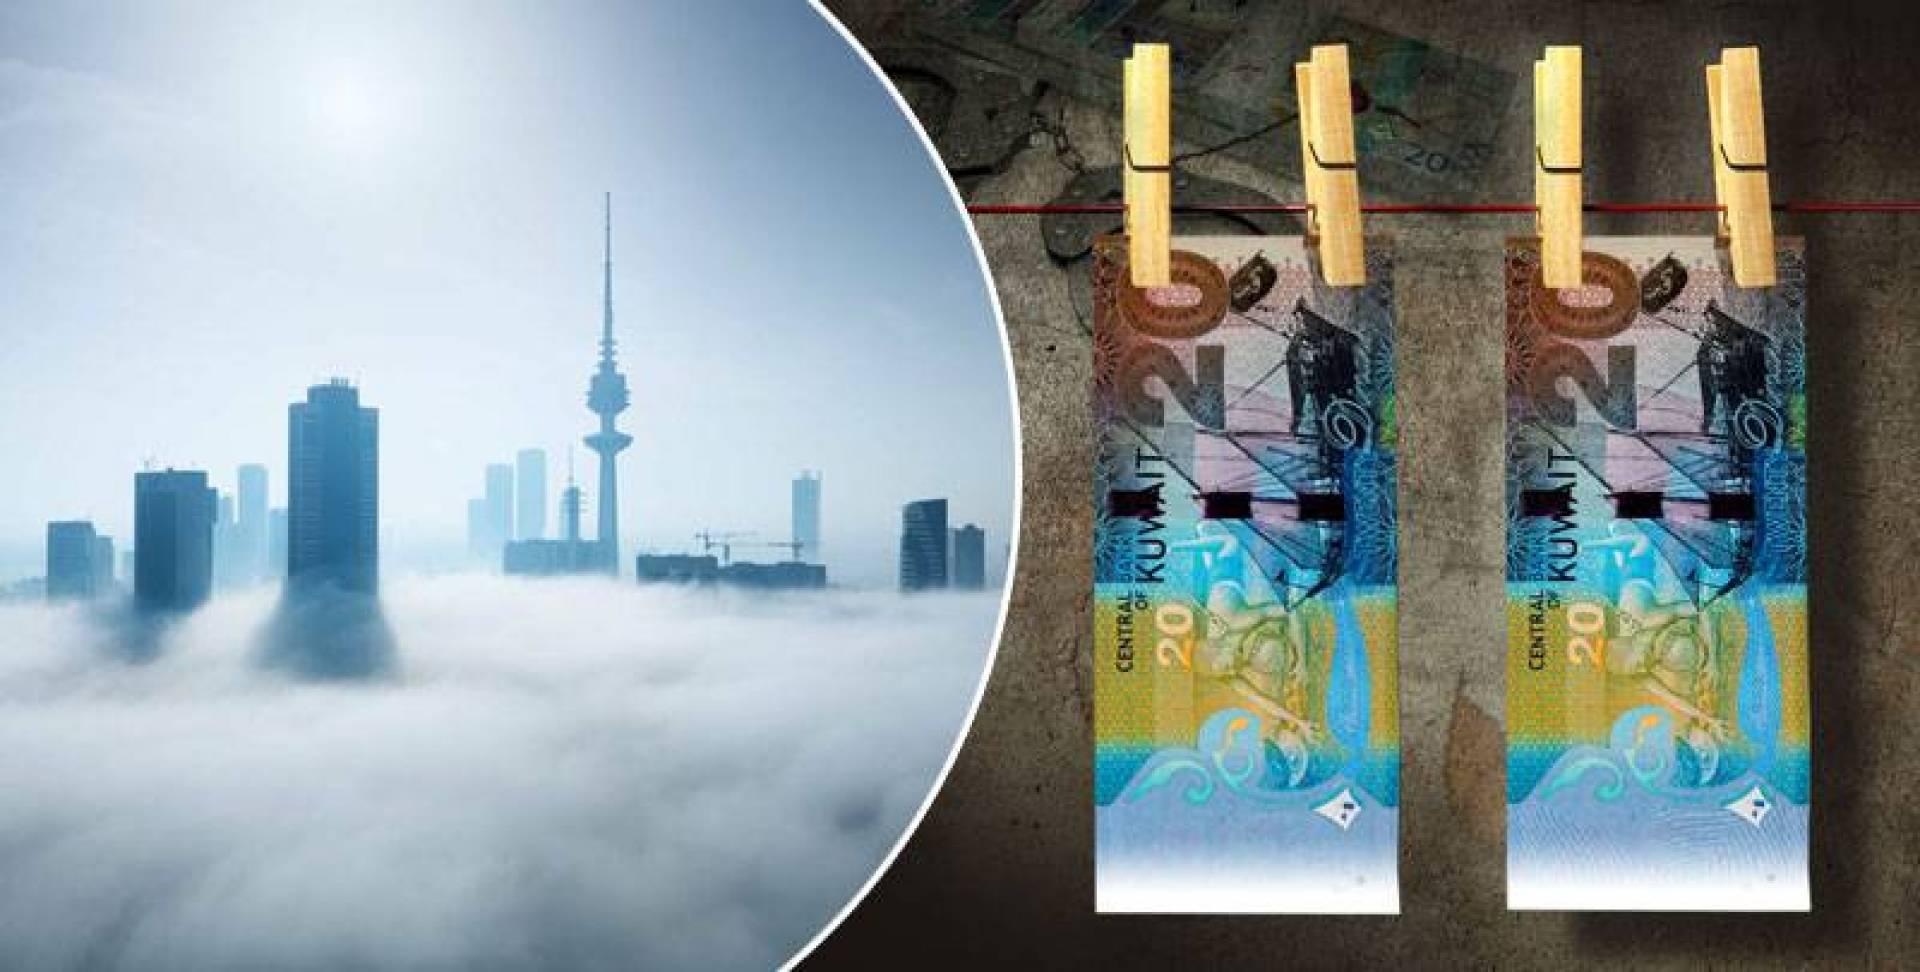 مؤامرة لتحويل الكويت حديقة خلفية لـ«غسل الأموال»